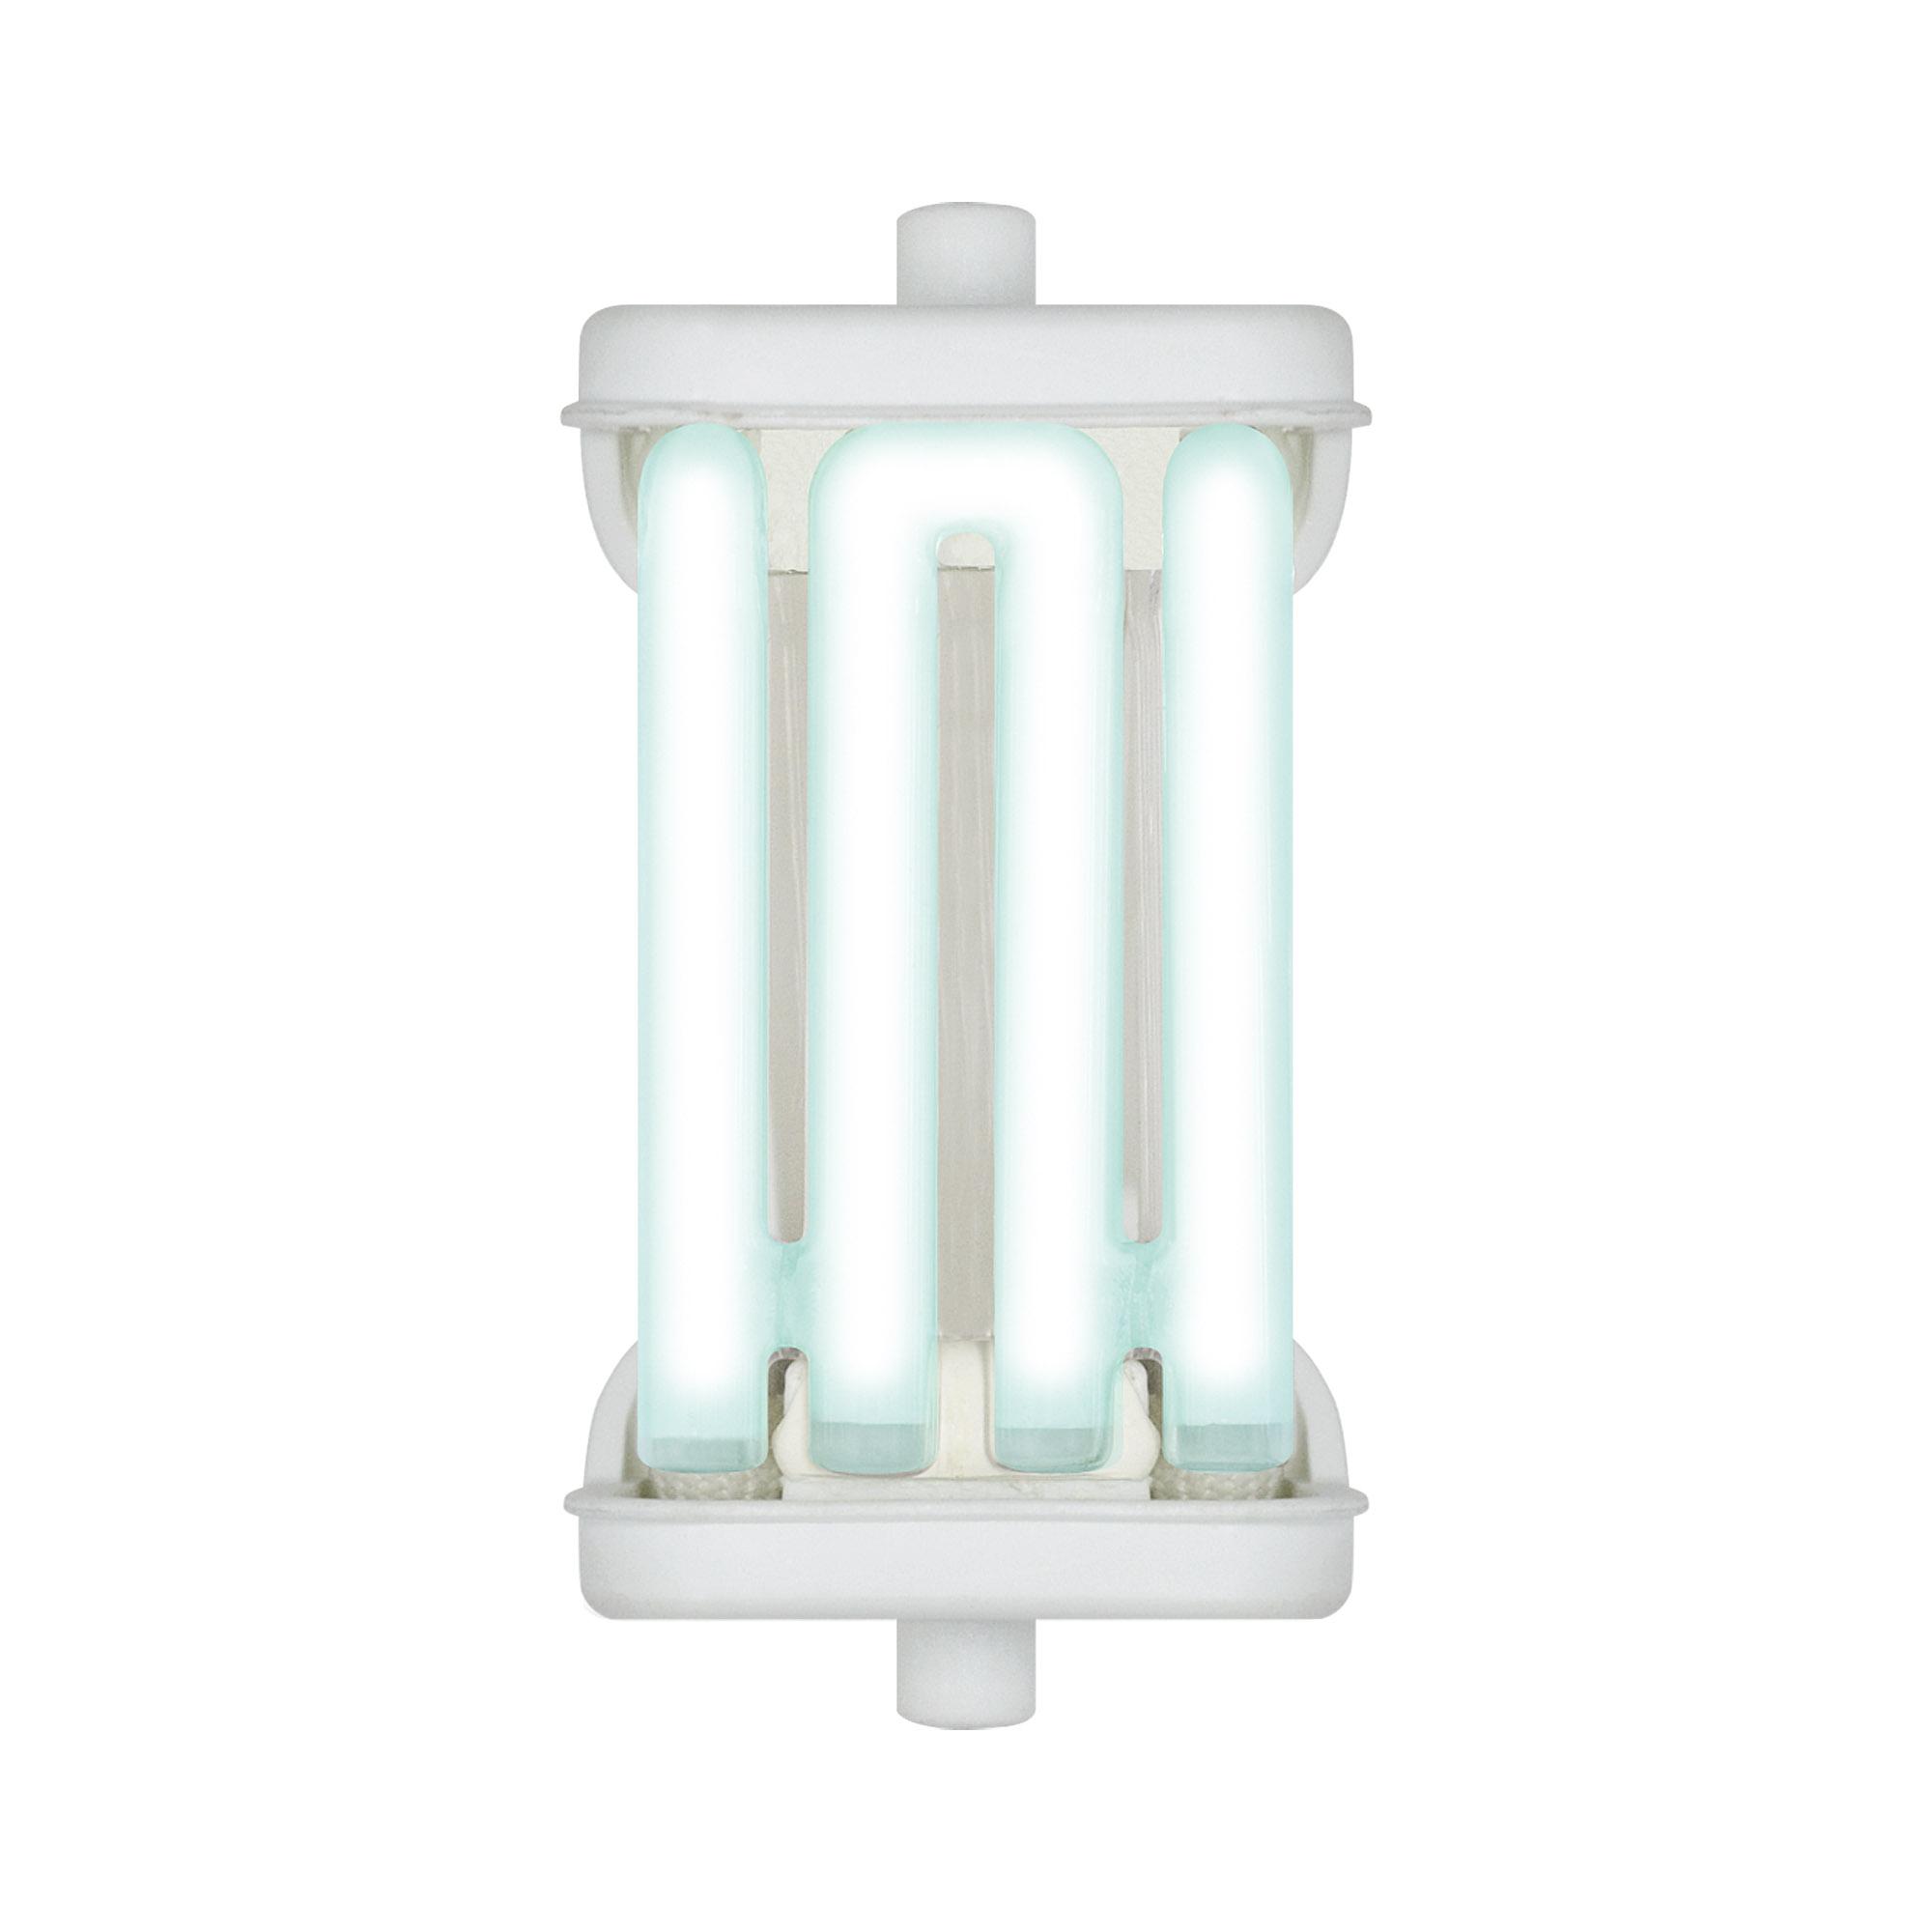 Лампа энергосберегающая Uniel Esl-322-j78-13/2700/r7s 100шт